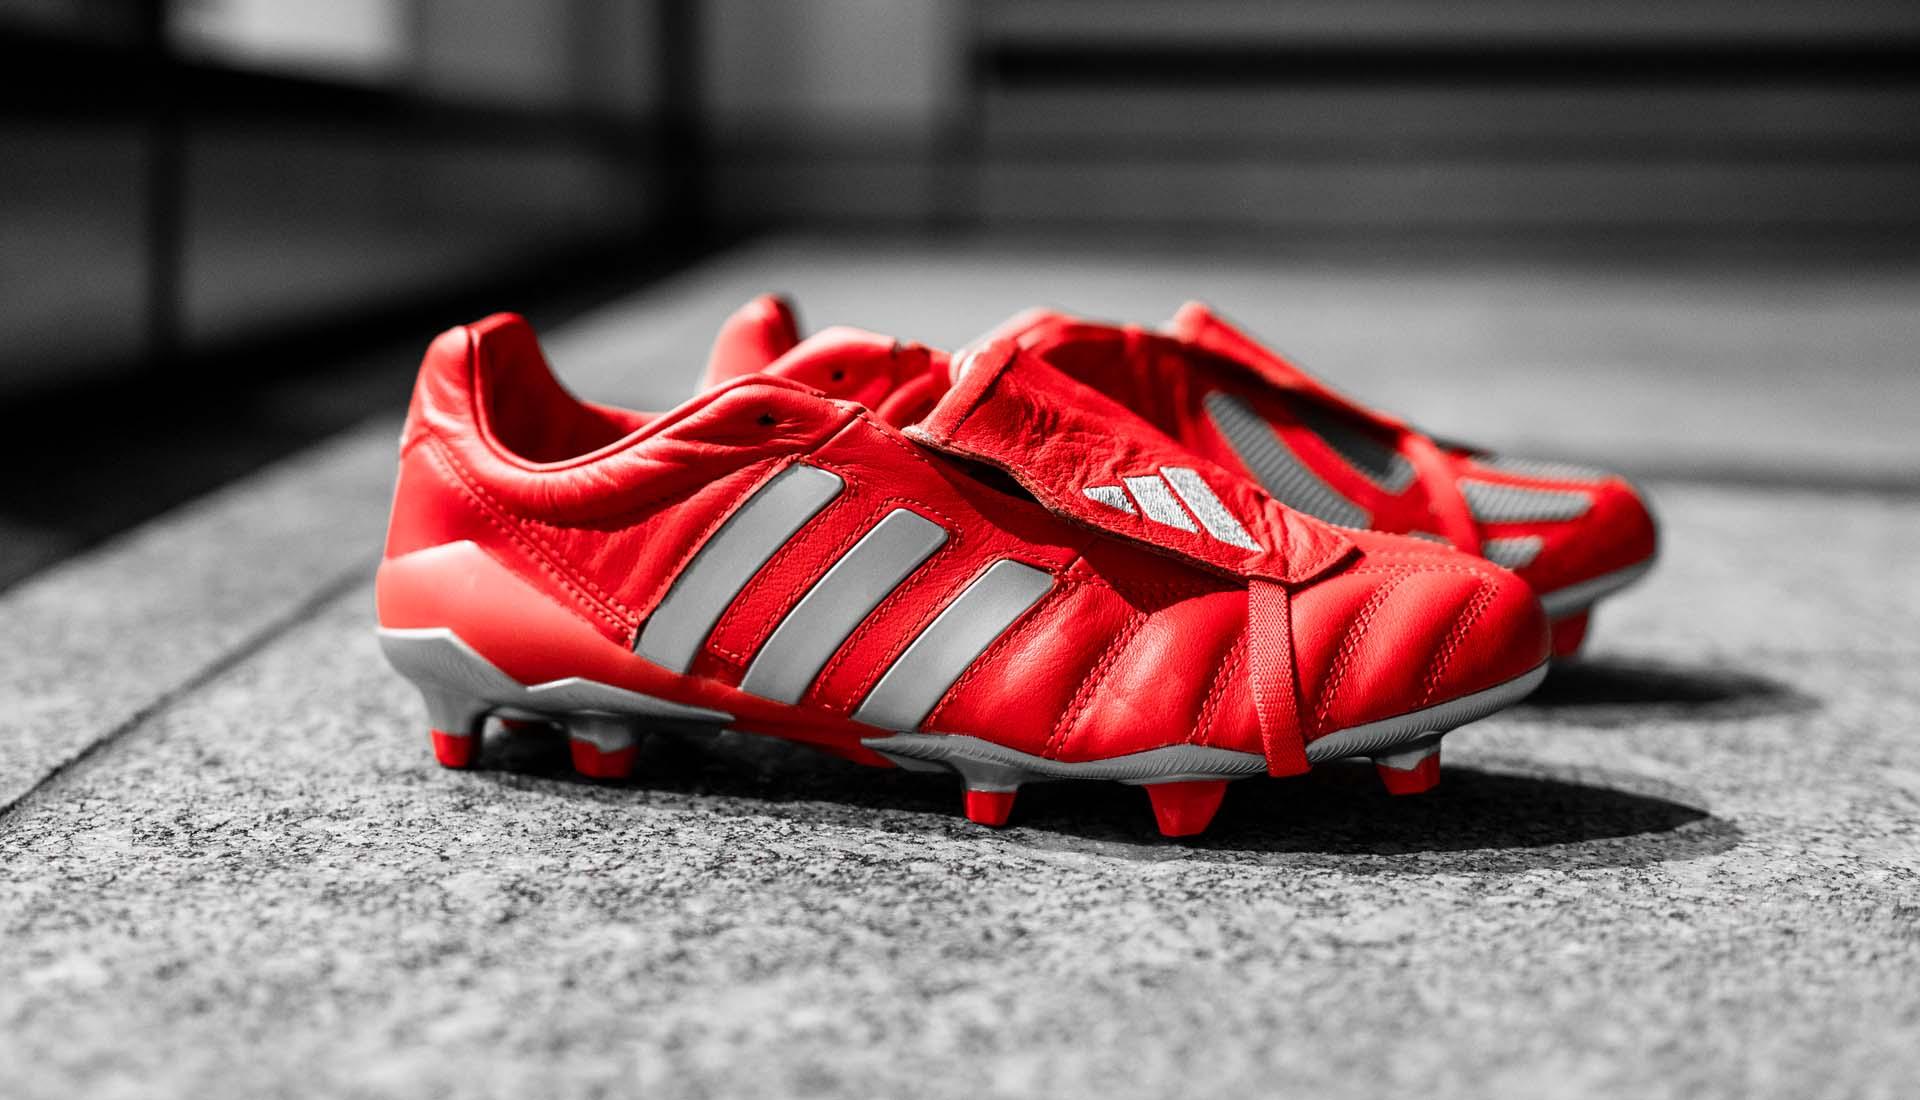 Giày đá banh chính hãng. Giày đá banh Adidas. Giày đá banh Adidas Predator Mania